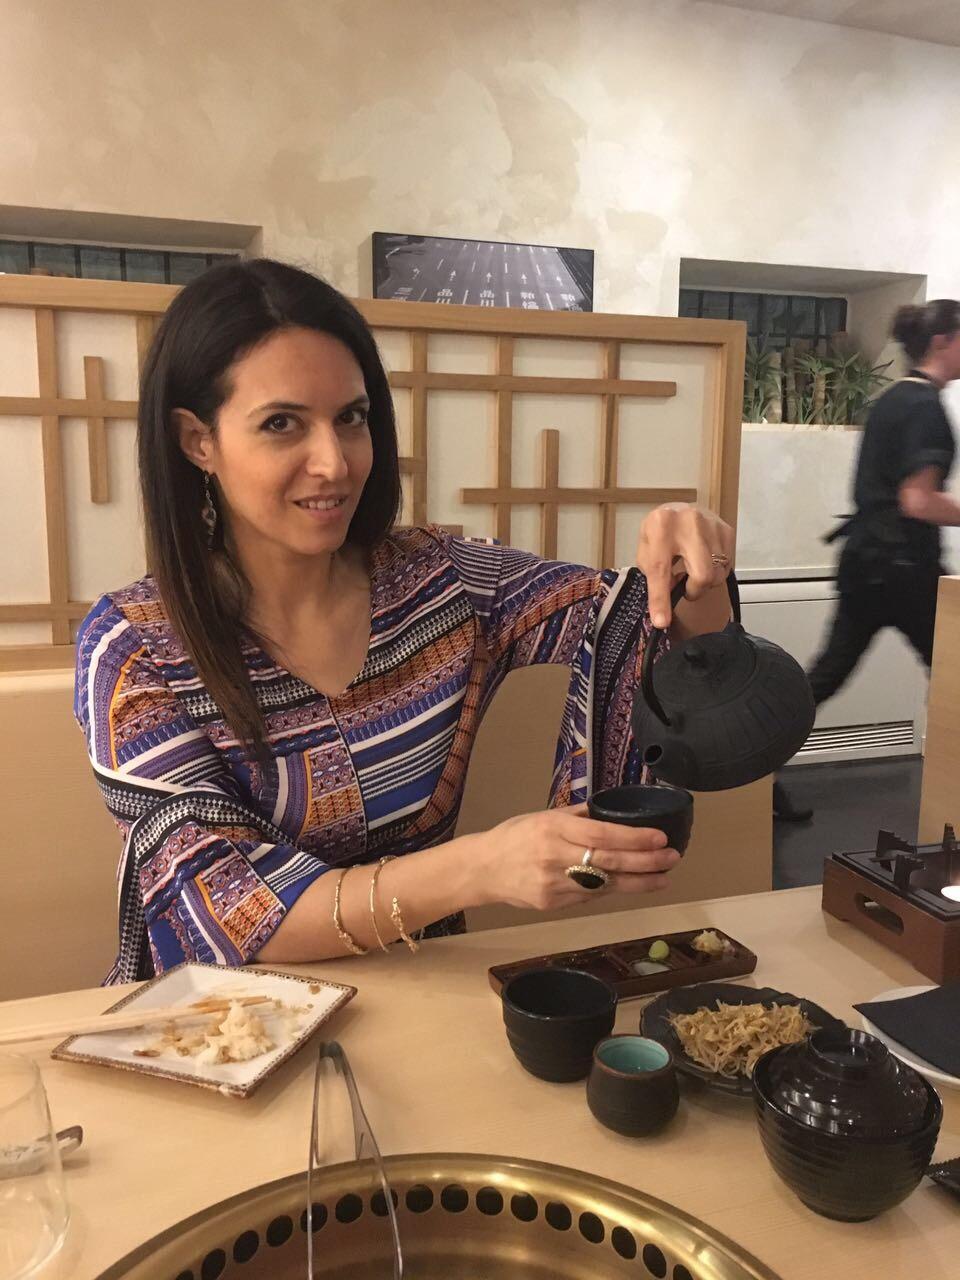 Tokyo Grill e l'aspetto più conviviale del mangiare insieme divertendosi